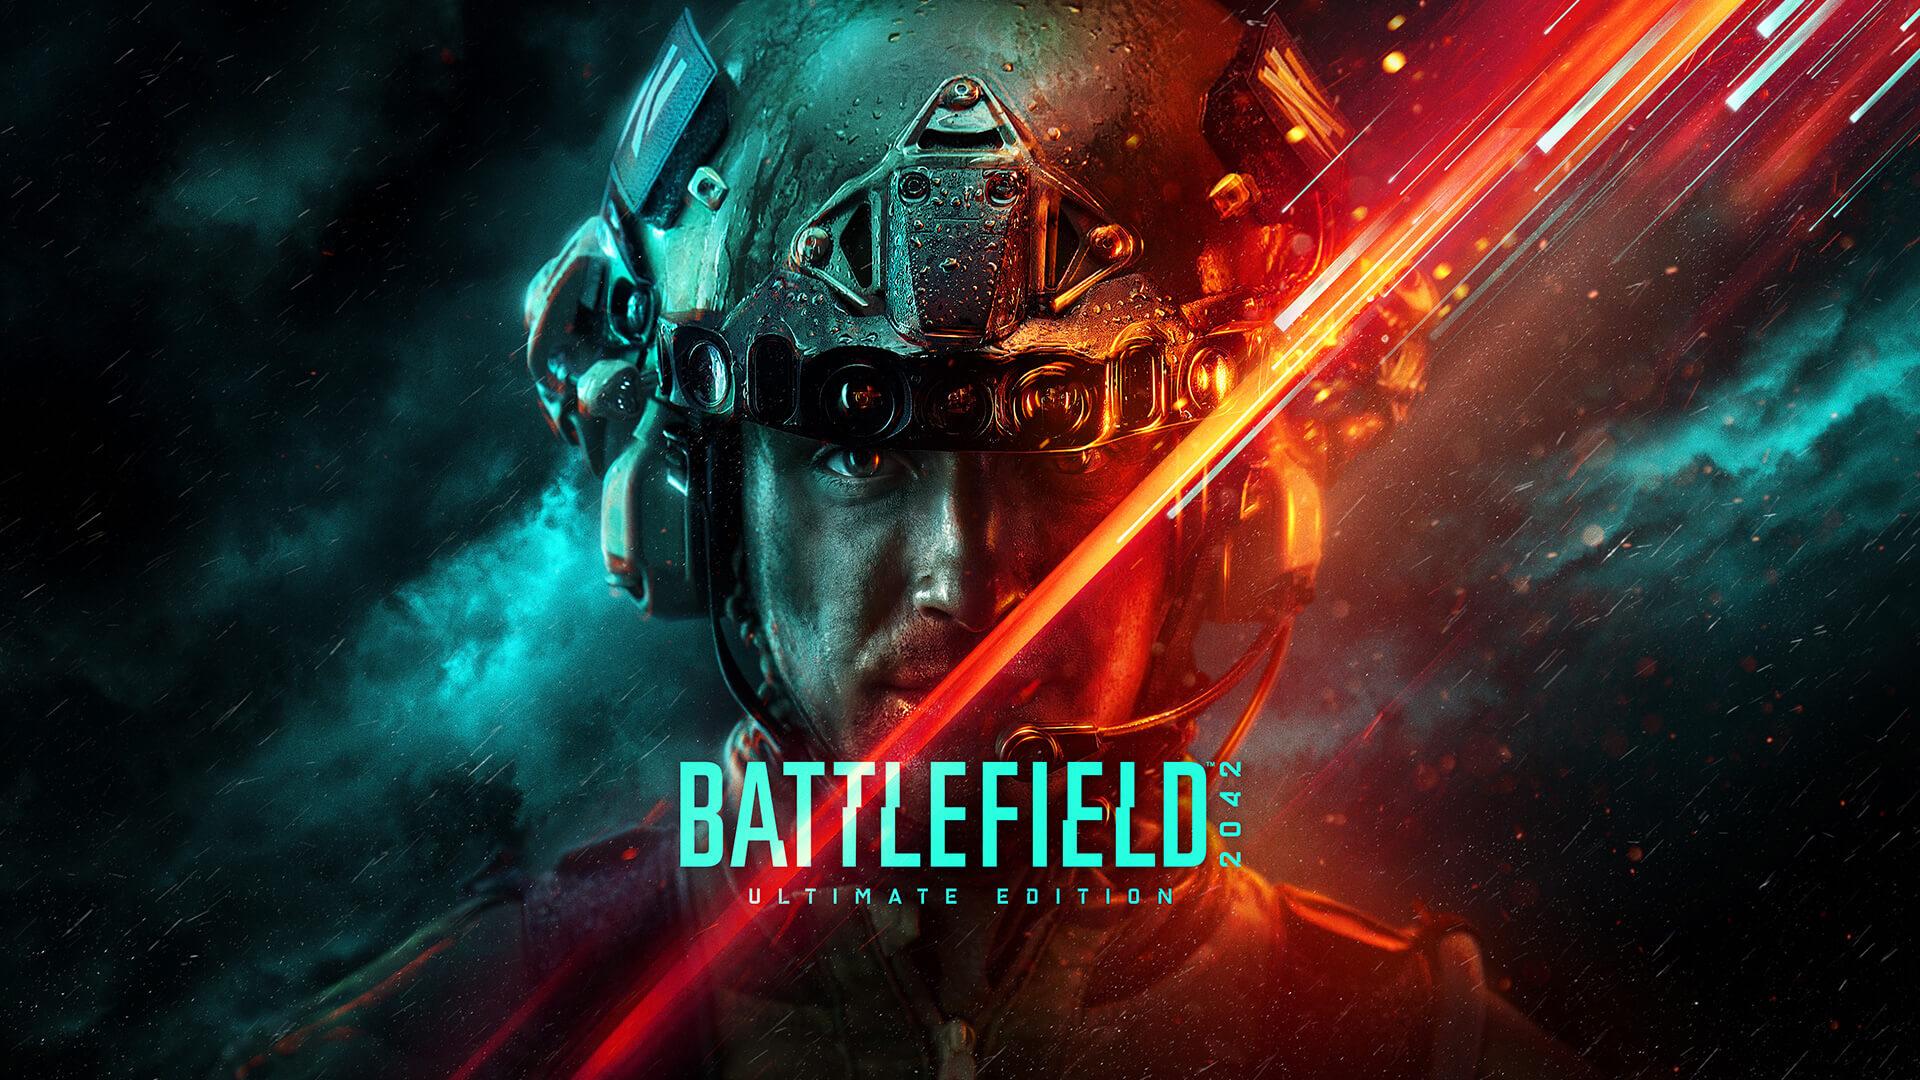 Battlefield 2042 : La date de la Bêta ouverte révélée, rendez-vous la semaine prochaine